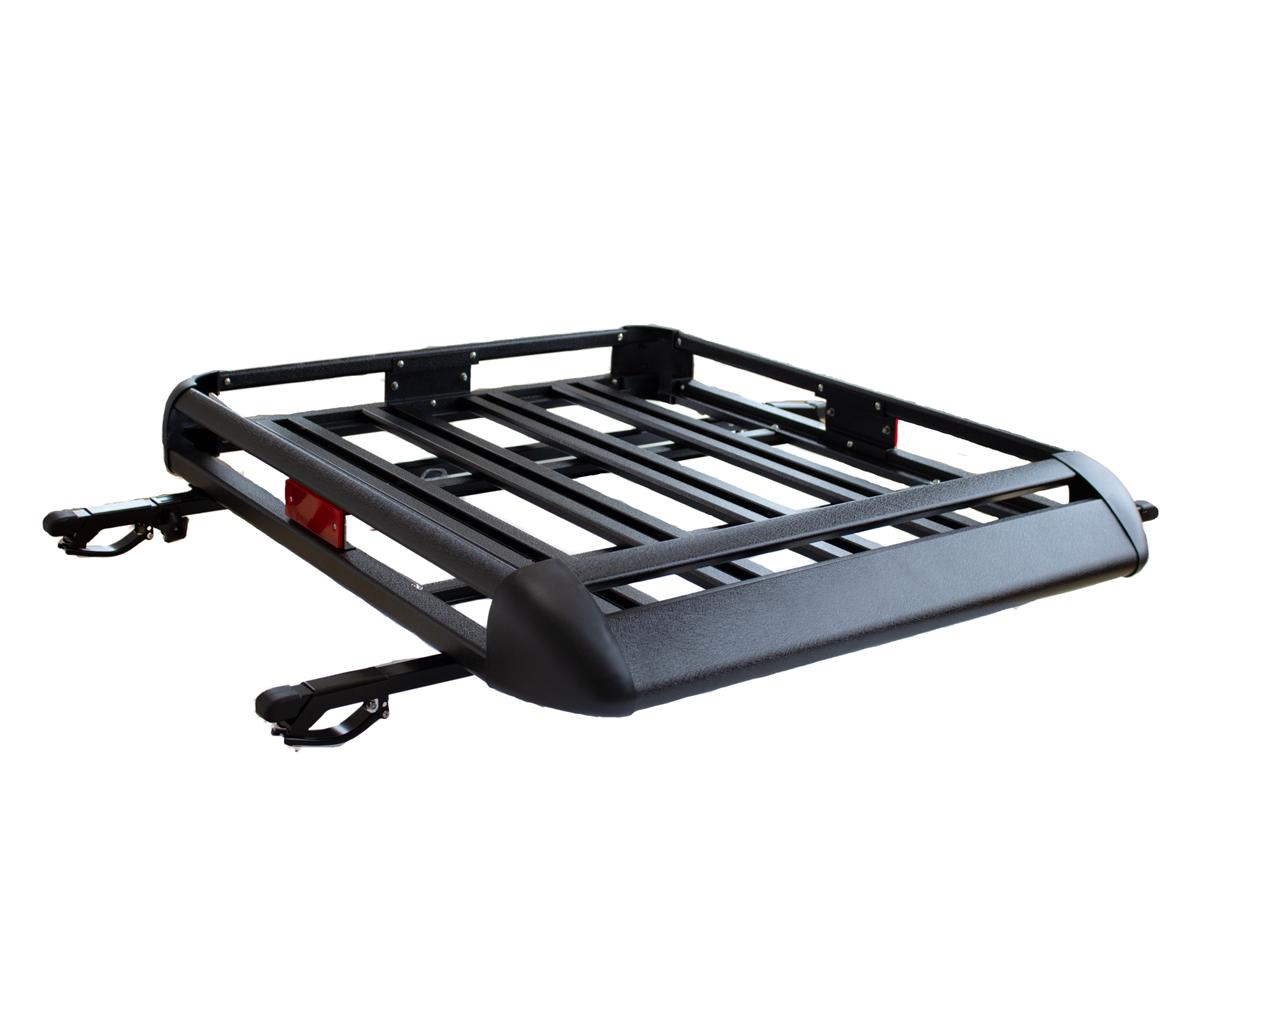 アルミ製ルーフラック カーゴラック アウトドア 業務用 アルミラック R07 900x1100サイズ